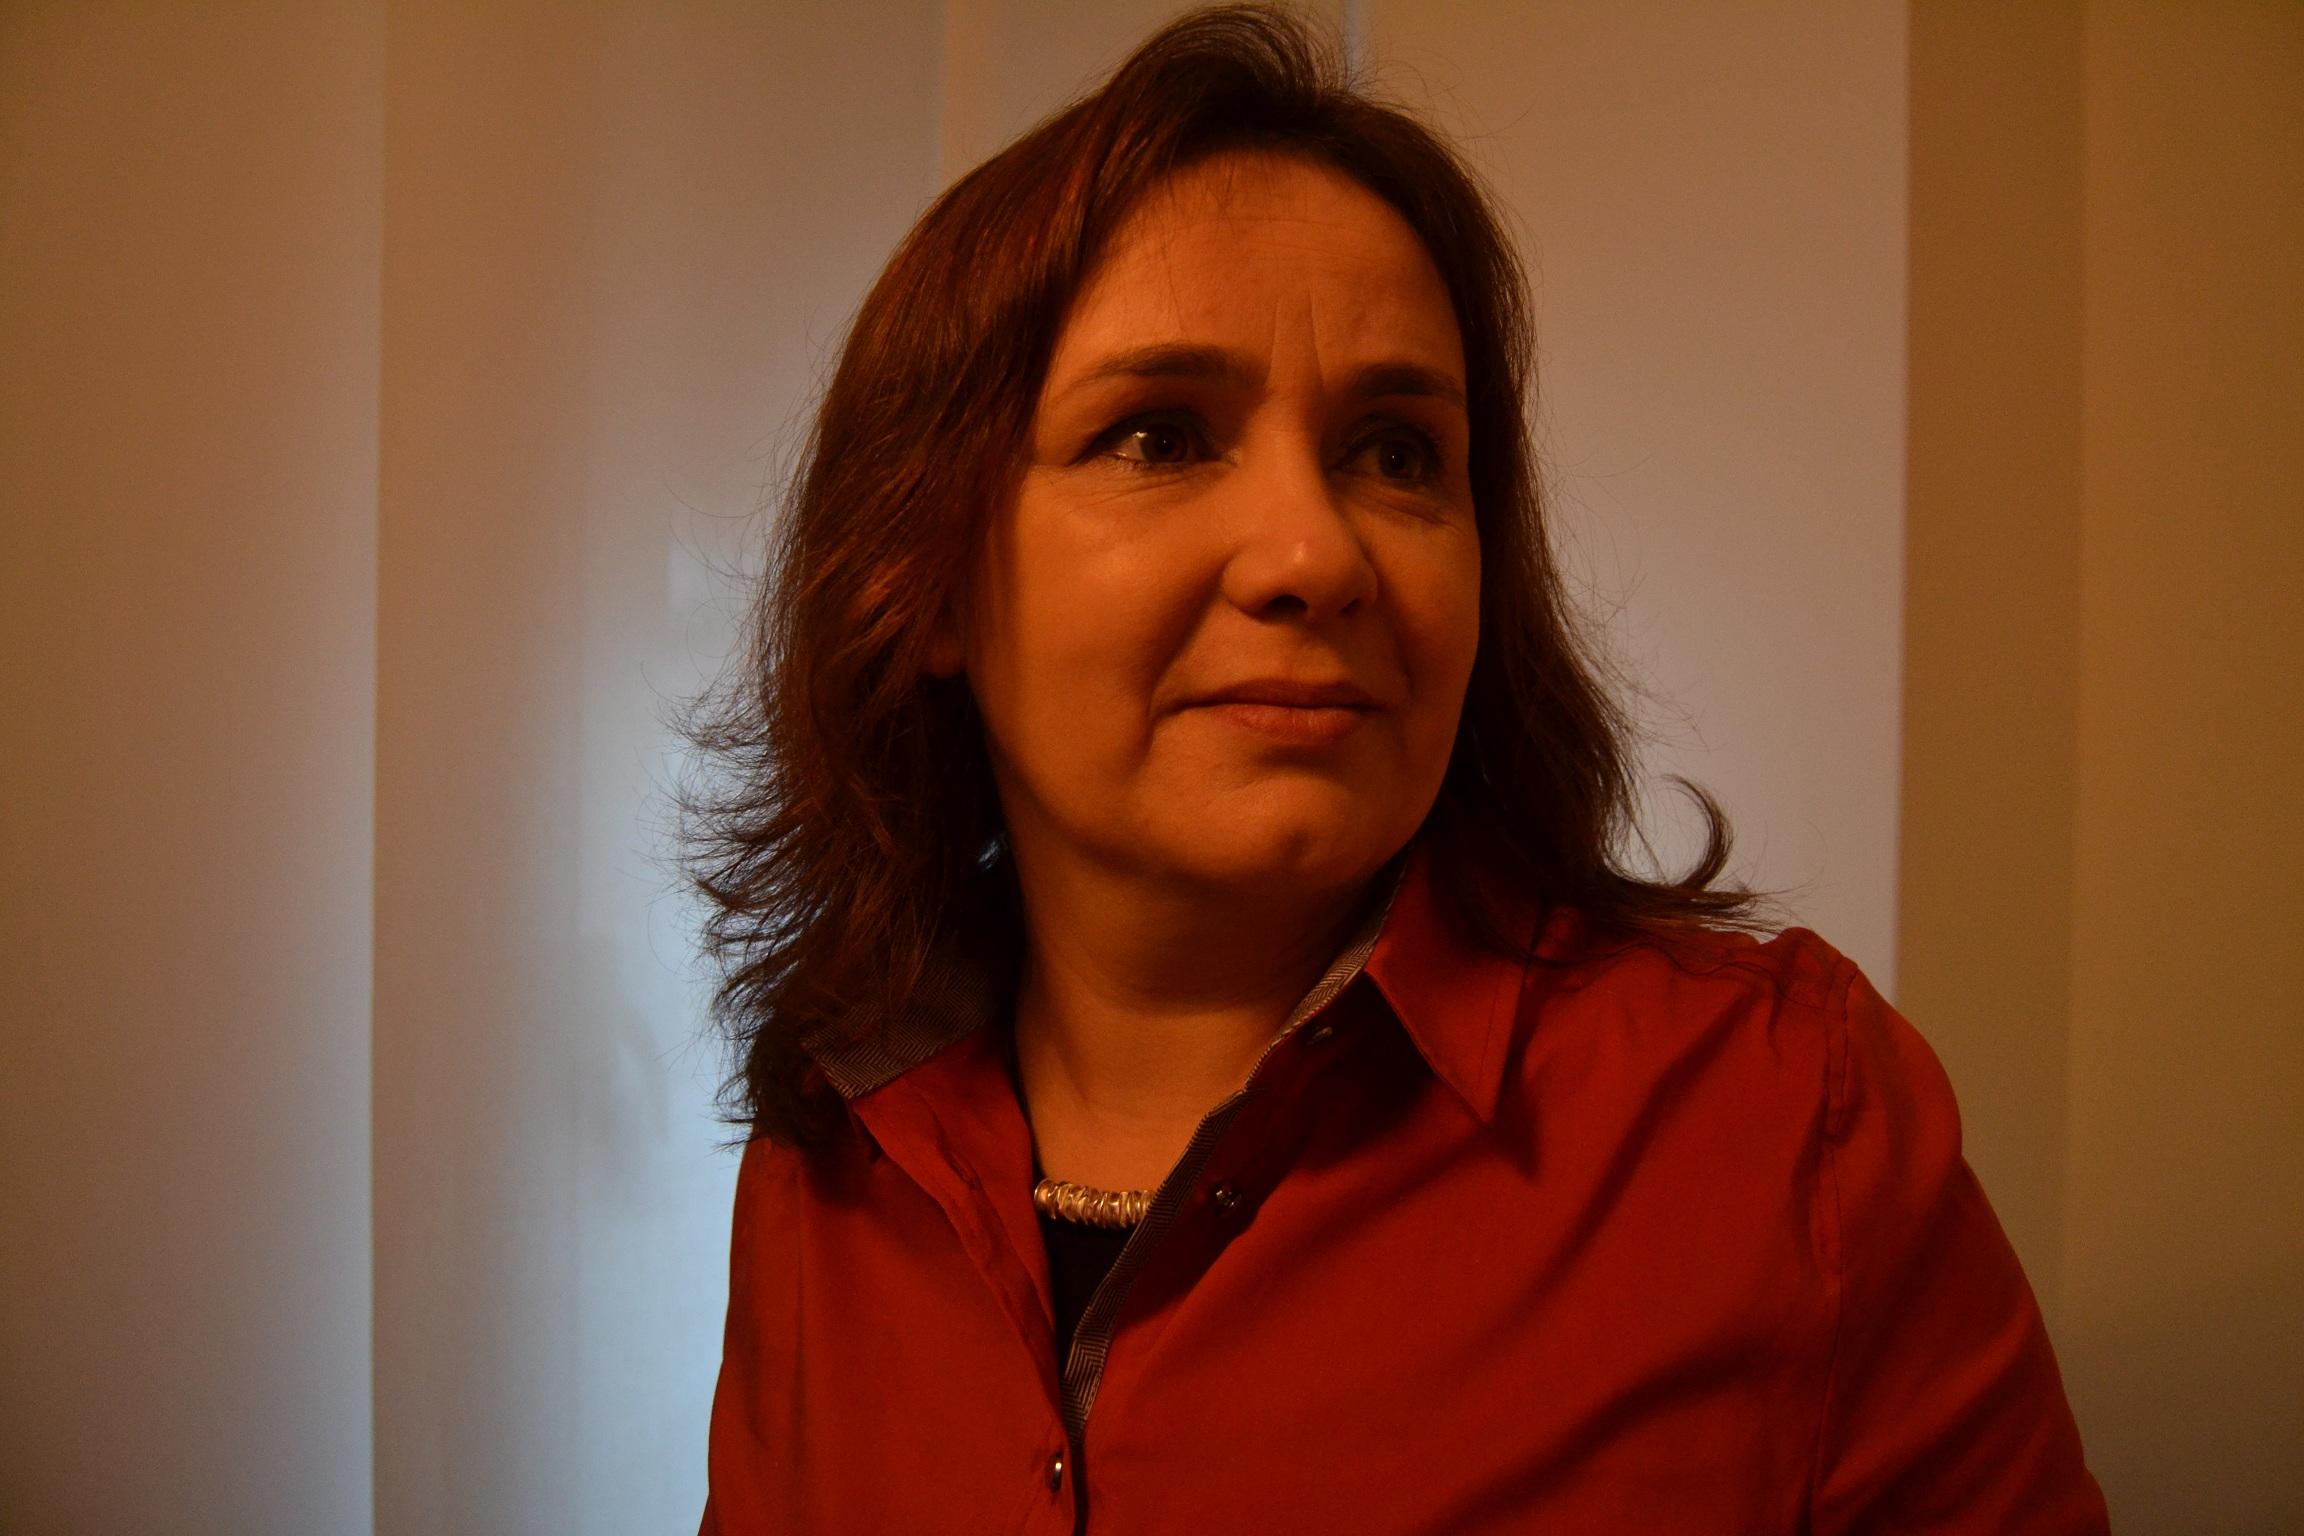 Hália Filipa da Costa Santos